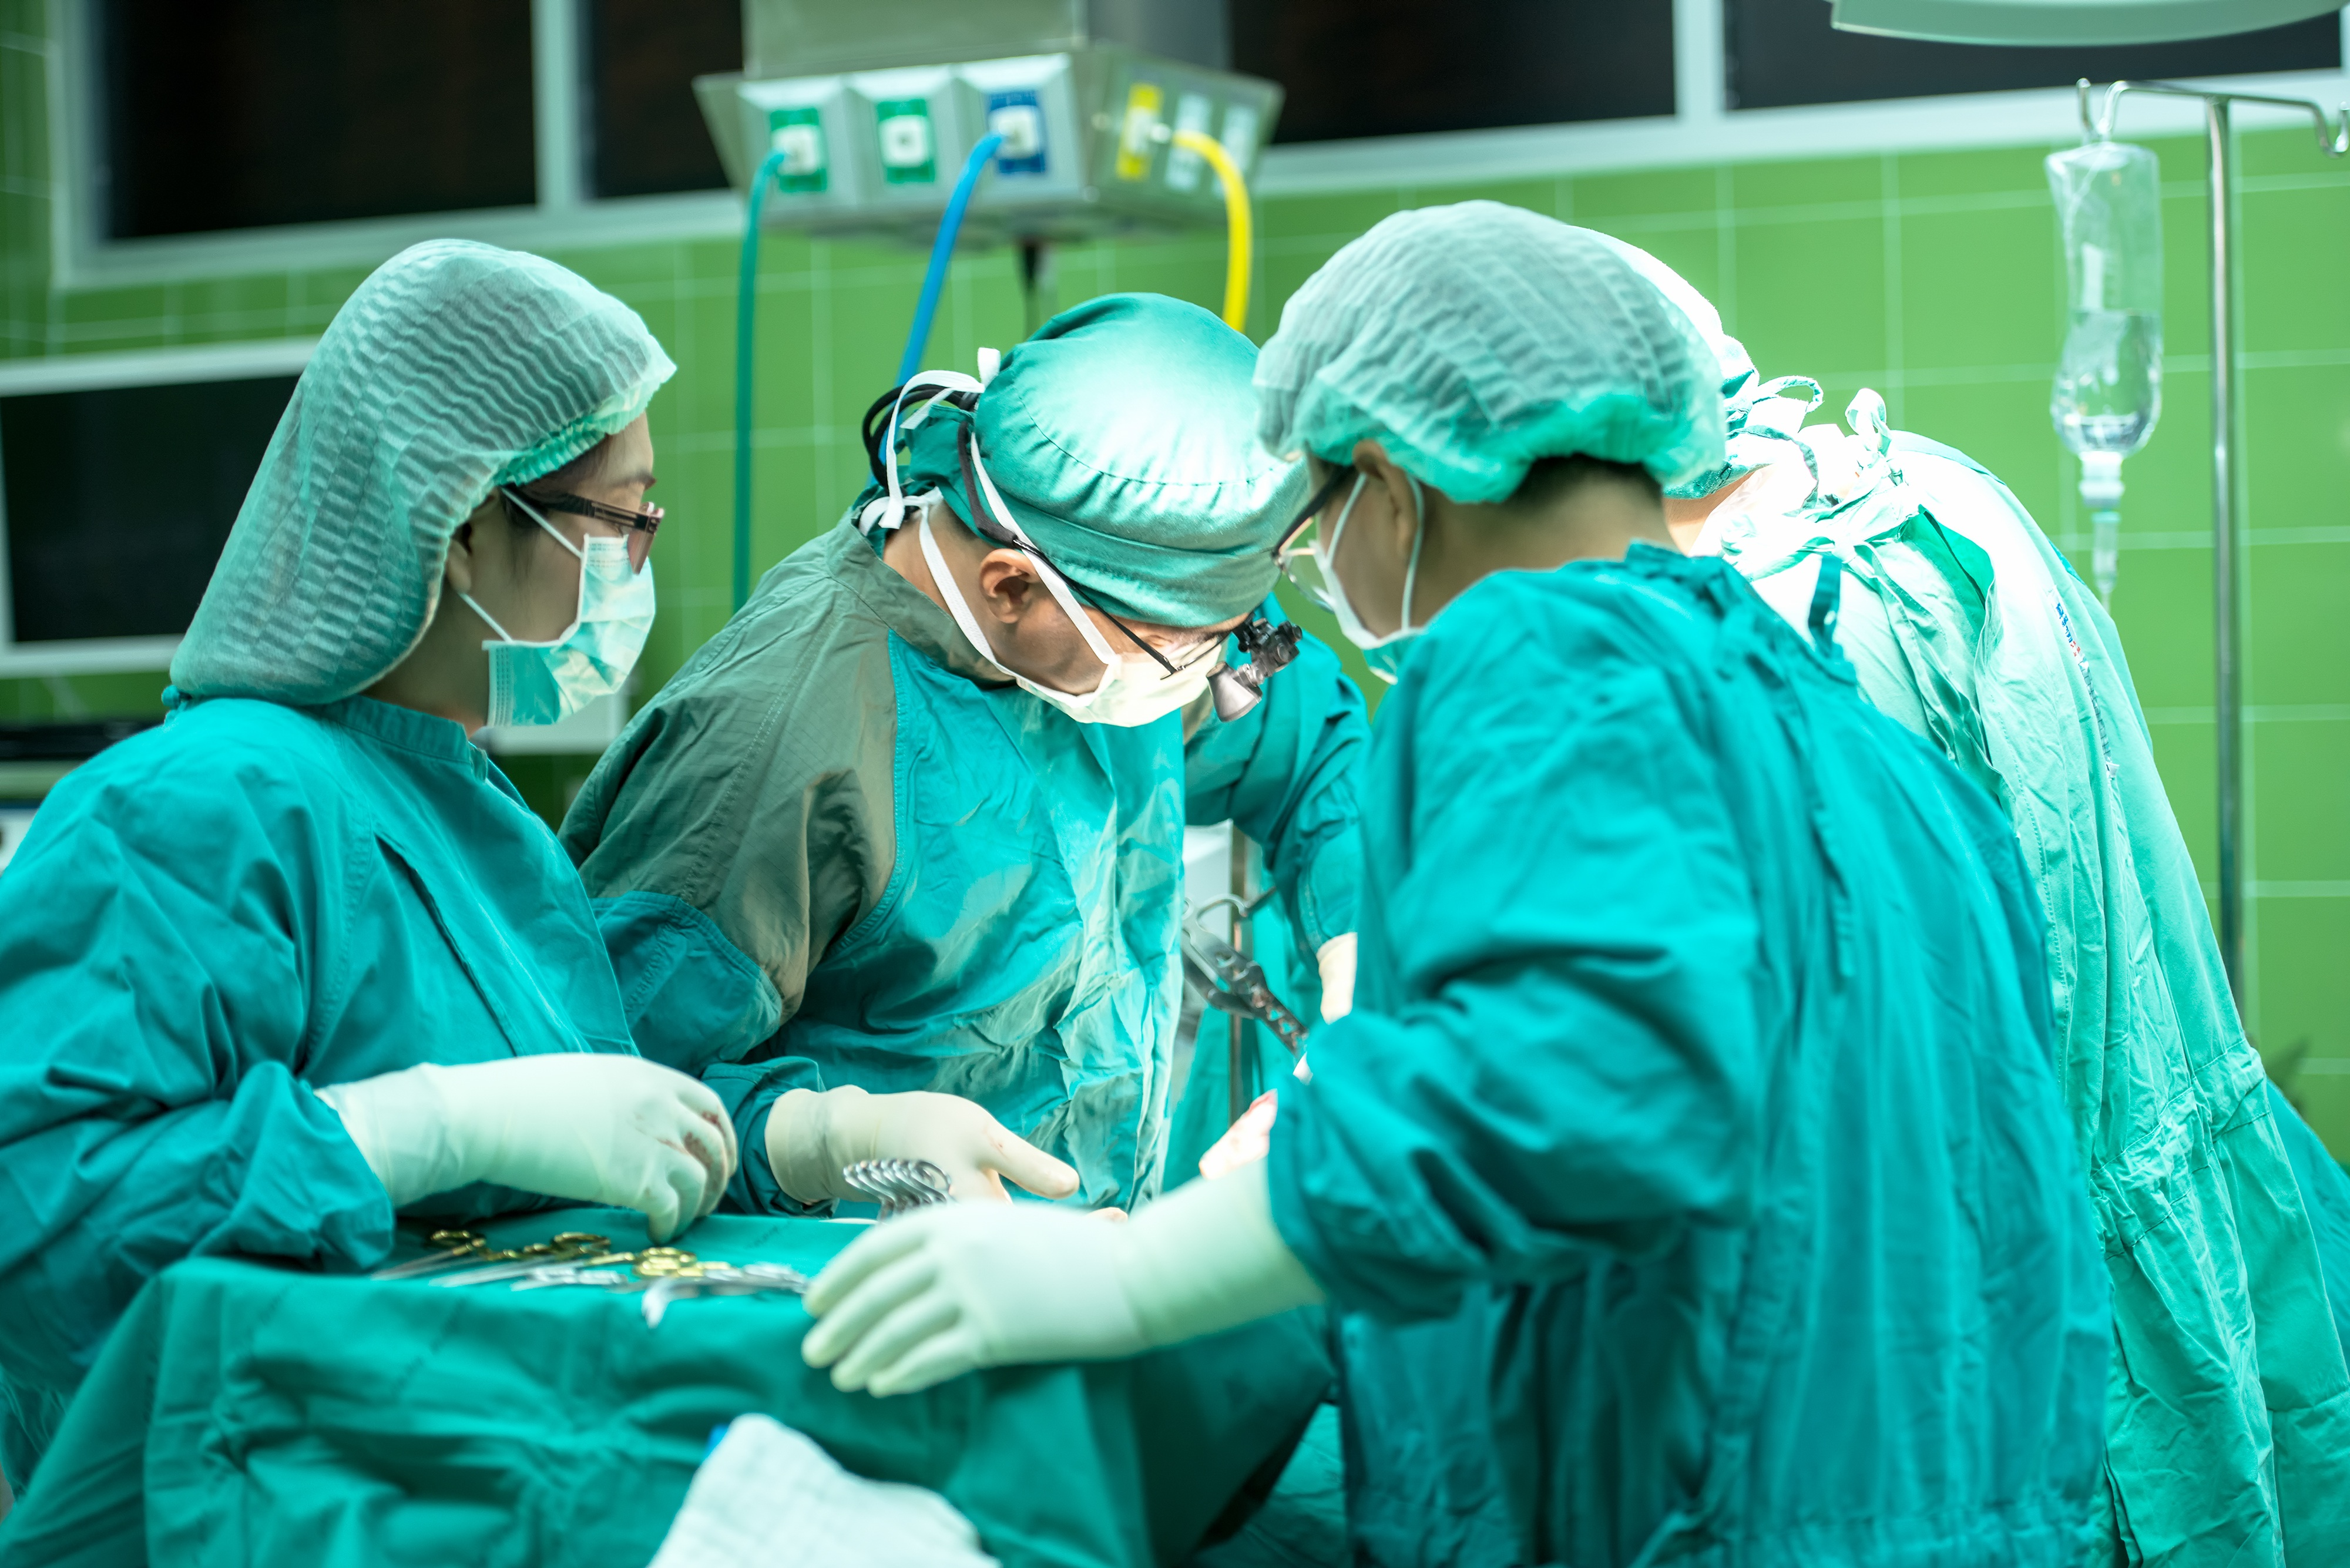 Anestesia_Rianimazione_DiversaMedica